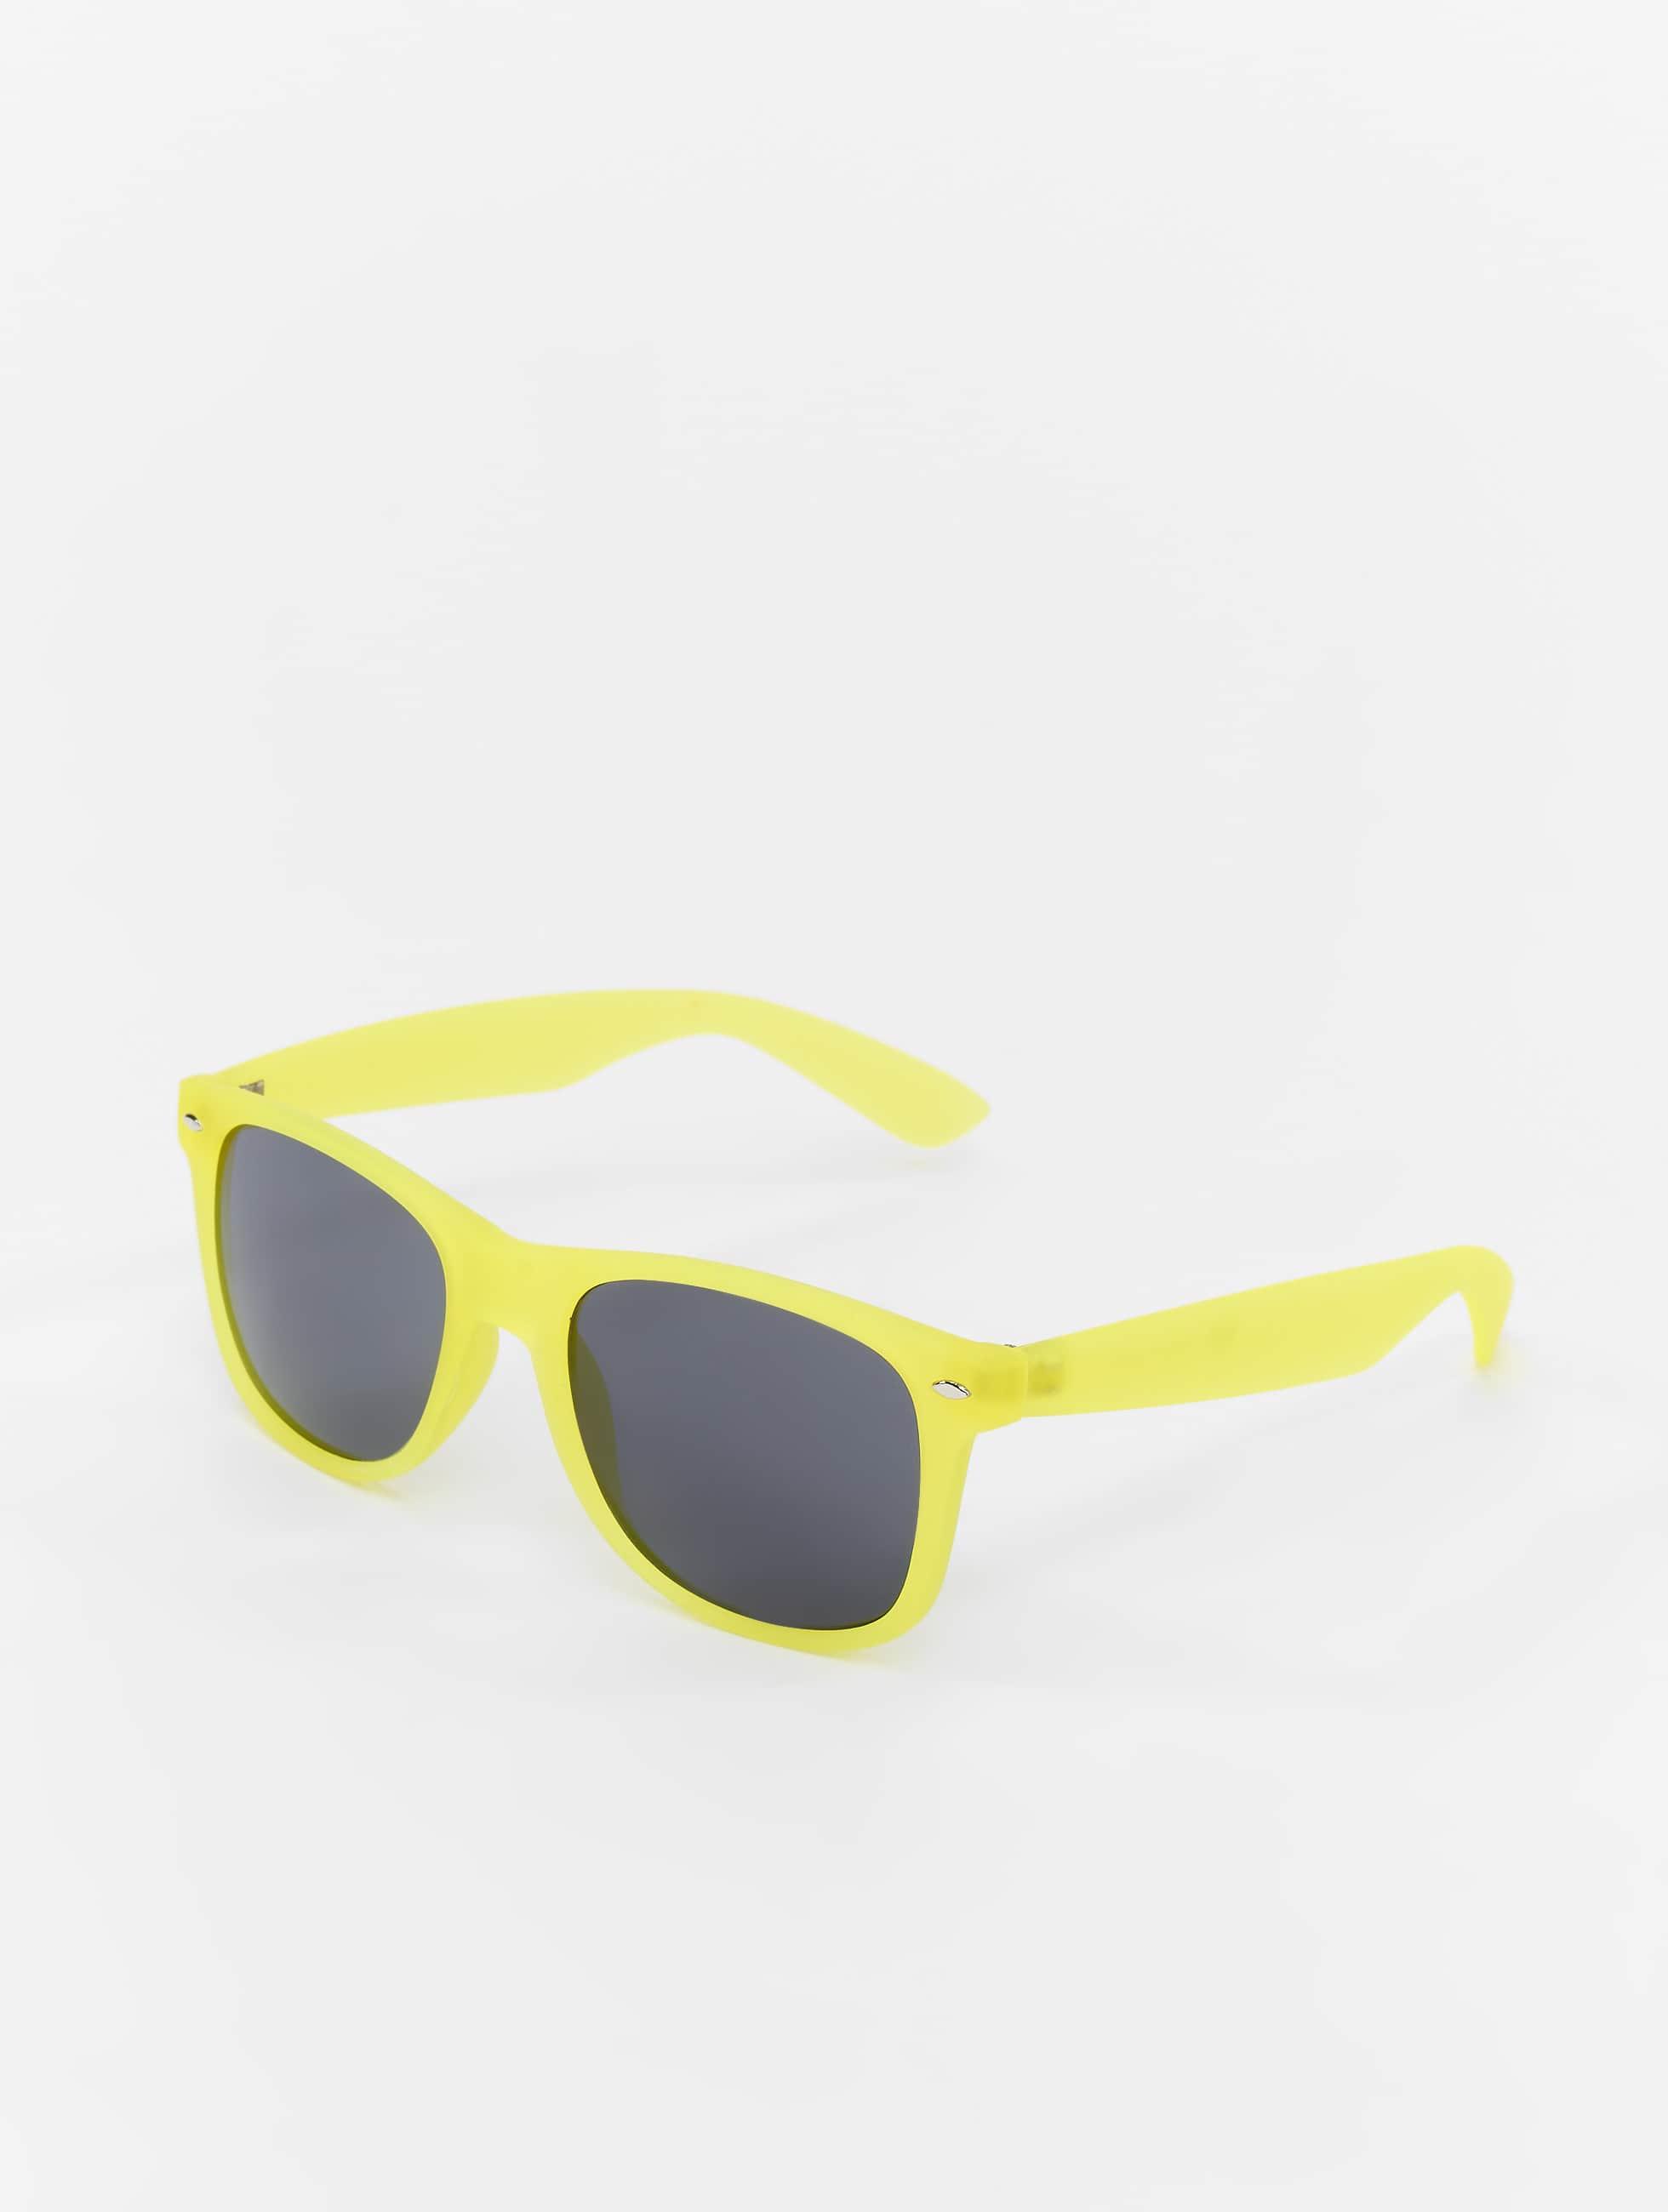 MSTRDS Sonnenbrille Likoma gelb